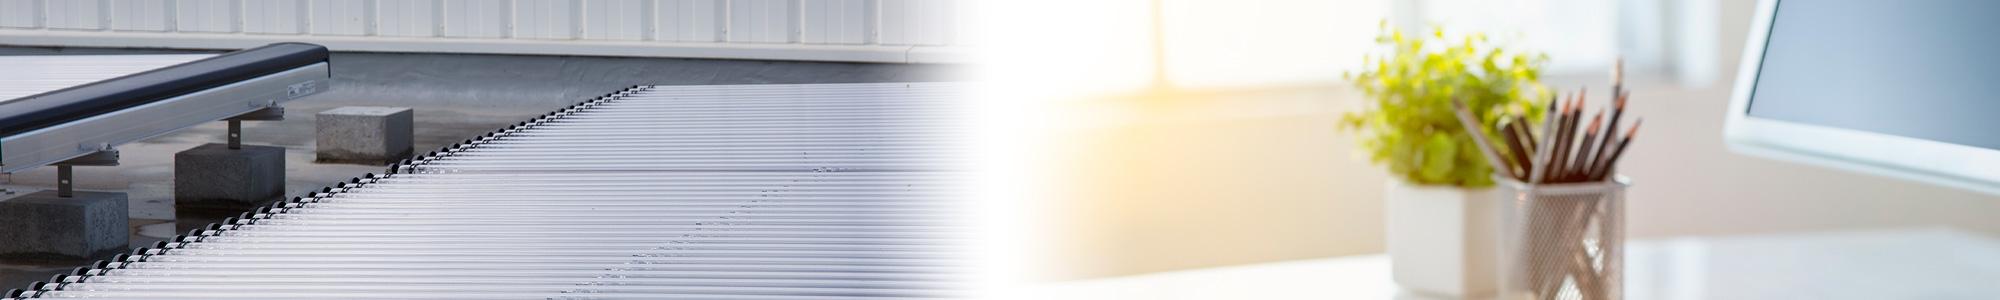 Sistemas de Climatización inteligente e Higienización del aire